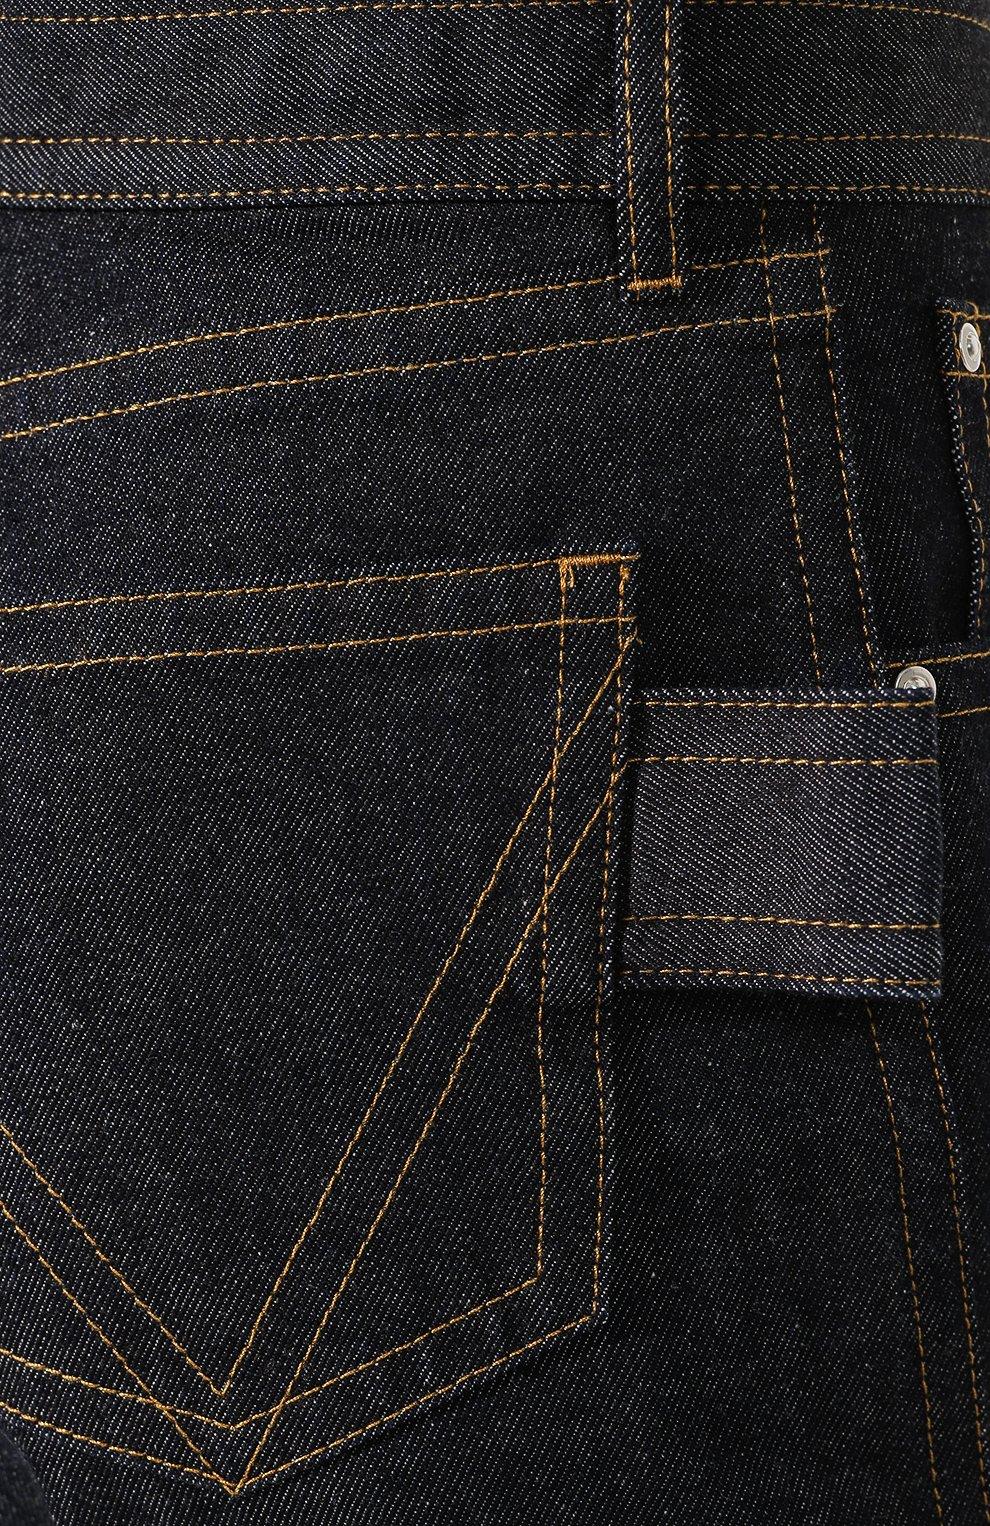 Мужские джинсы BOTTEGA VENETA темно-синего цвета, арт. 566888/VKBC0 | Фото 5 (Силуэт М (брюки): Прямые; Длина (брюки, джинсы): Стандартные; Материал внешний: Хлопок, Деним)